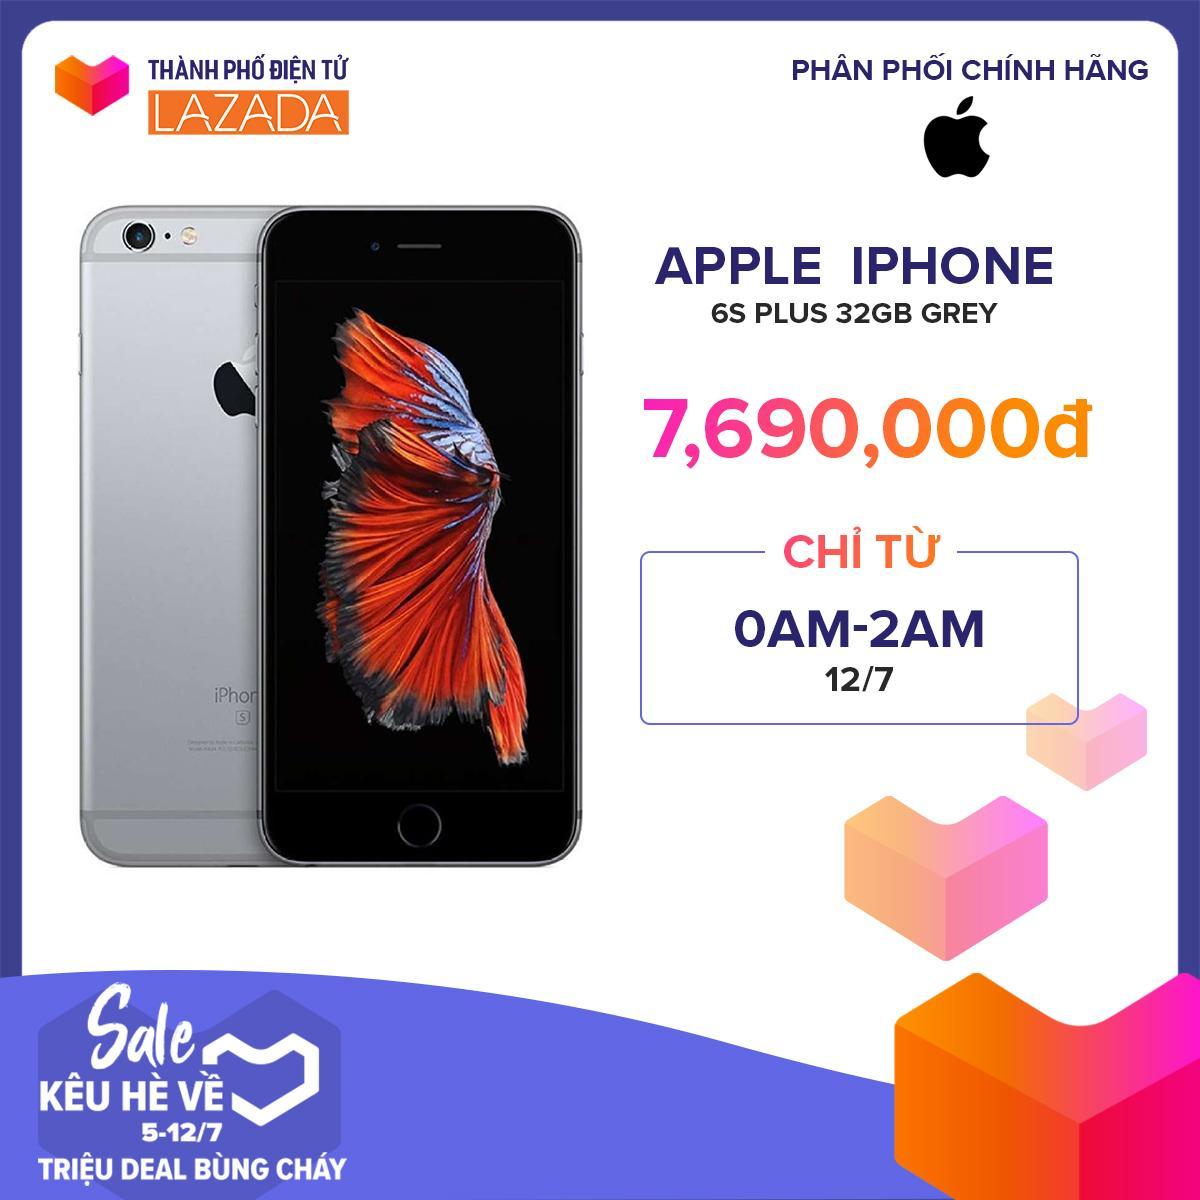 Điện thoại Apple iPhone 6s Plus 32GB - Hàng Chính Hãng Mã VN/A